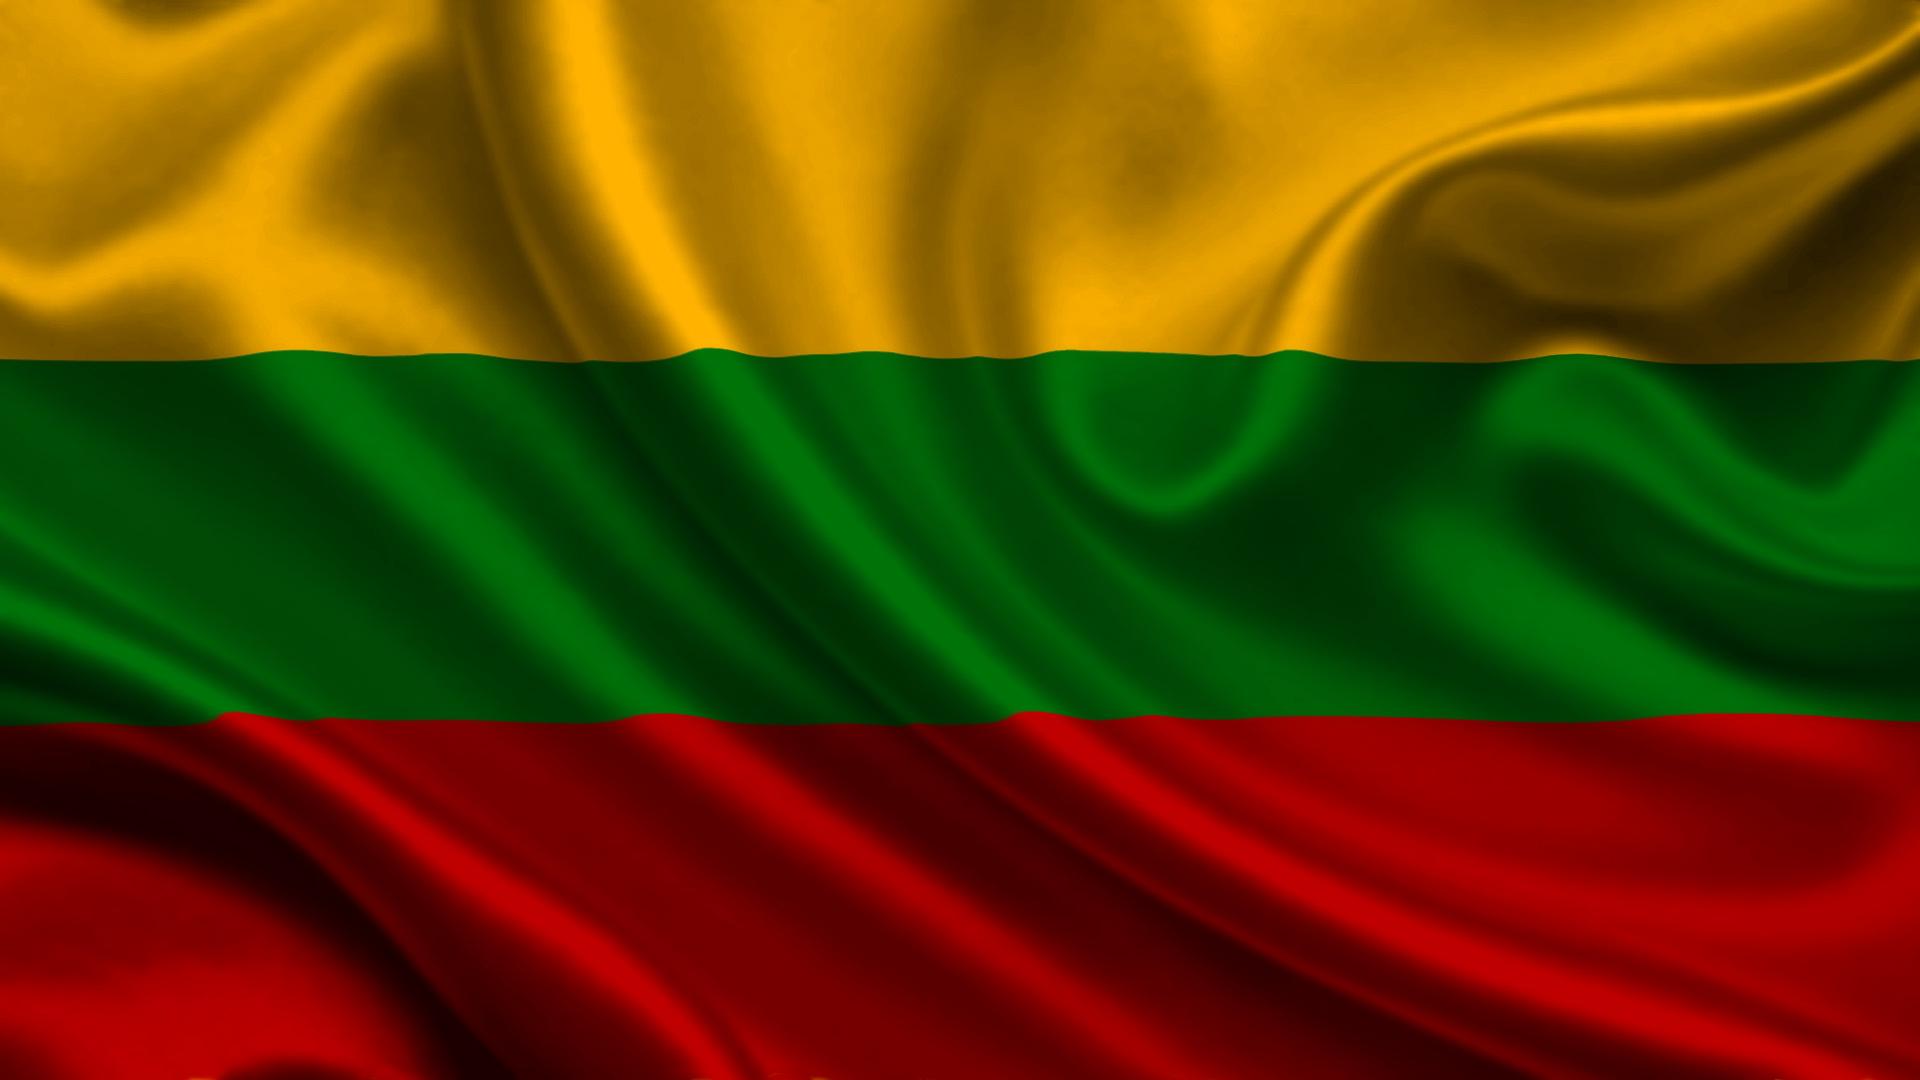 белорусский флаг обои на рабочий стол № 540645 бесплатно